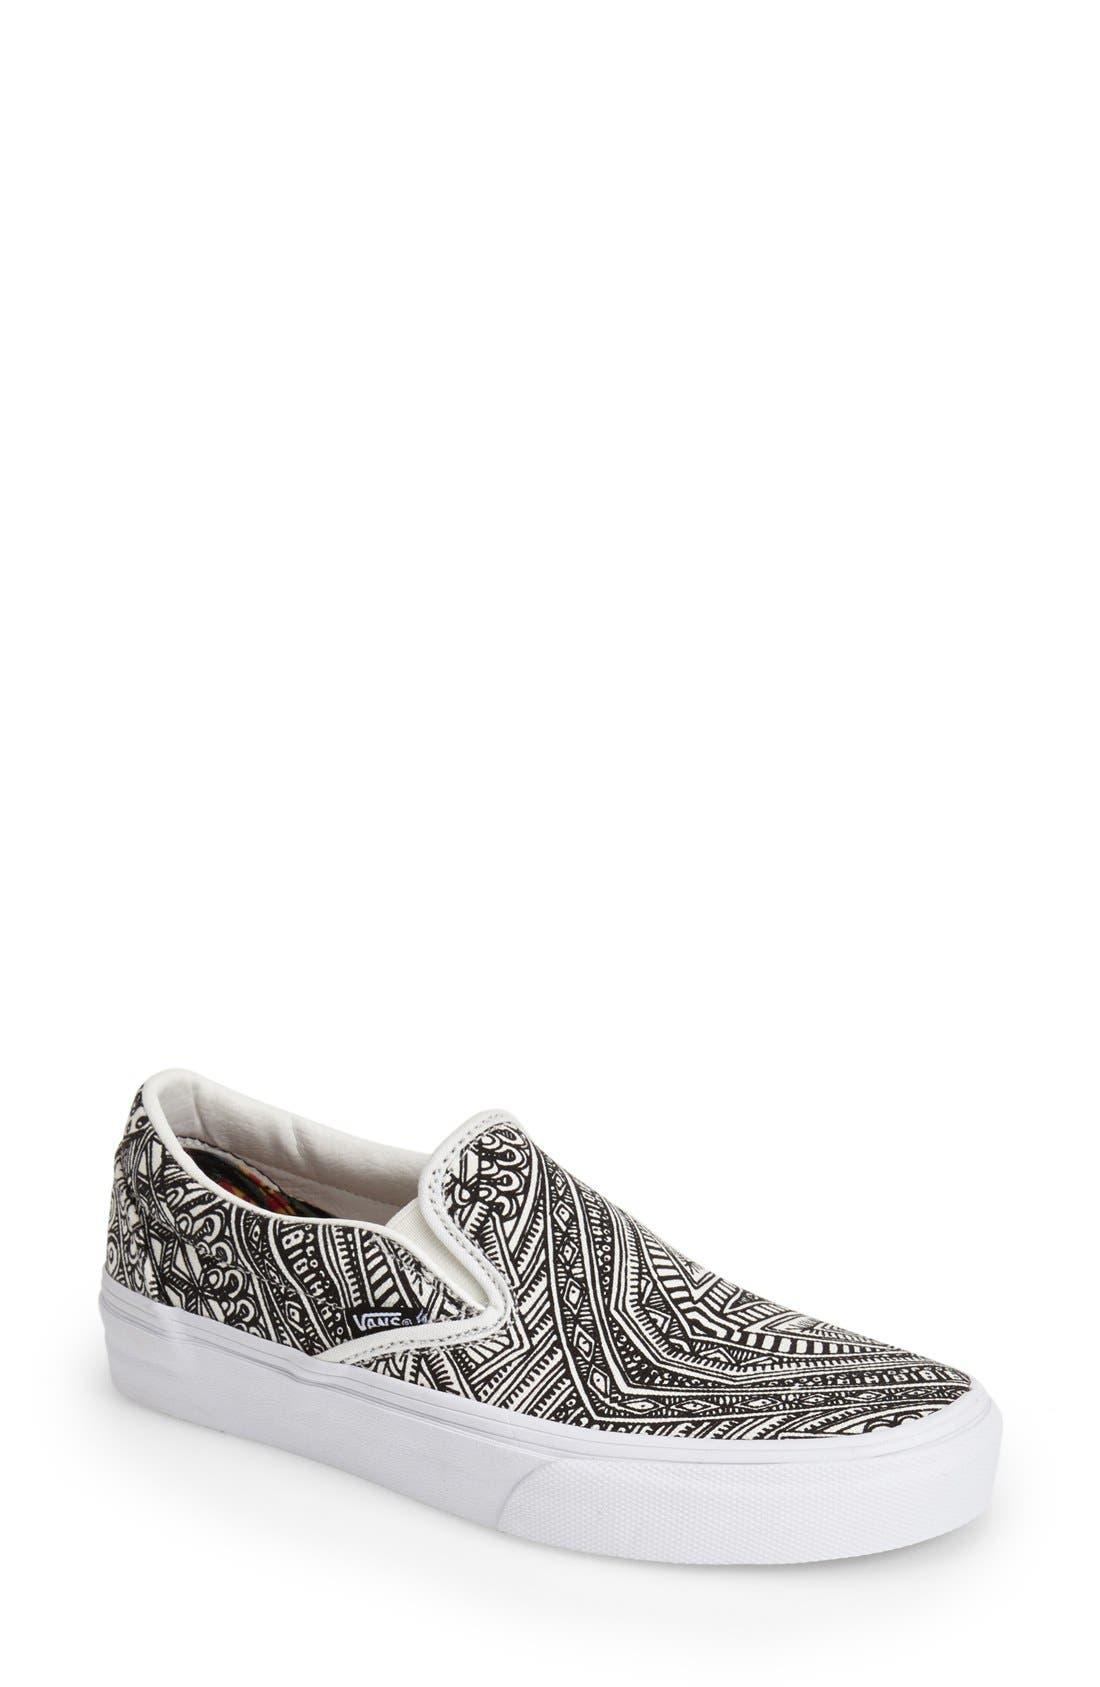 Main Image - Vans 'Classic - Zio Ziegler' Slip-On Sneaker (Women)